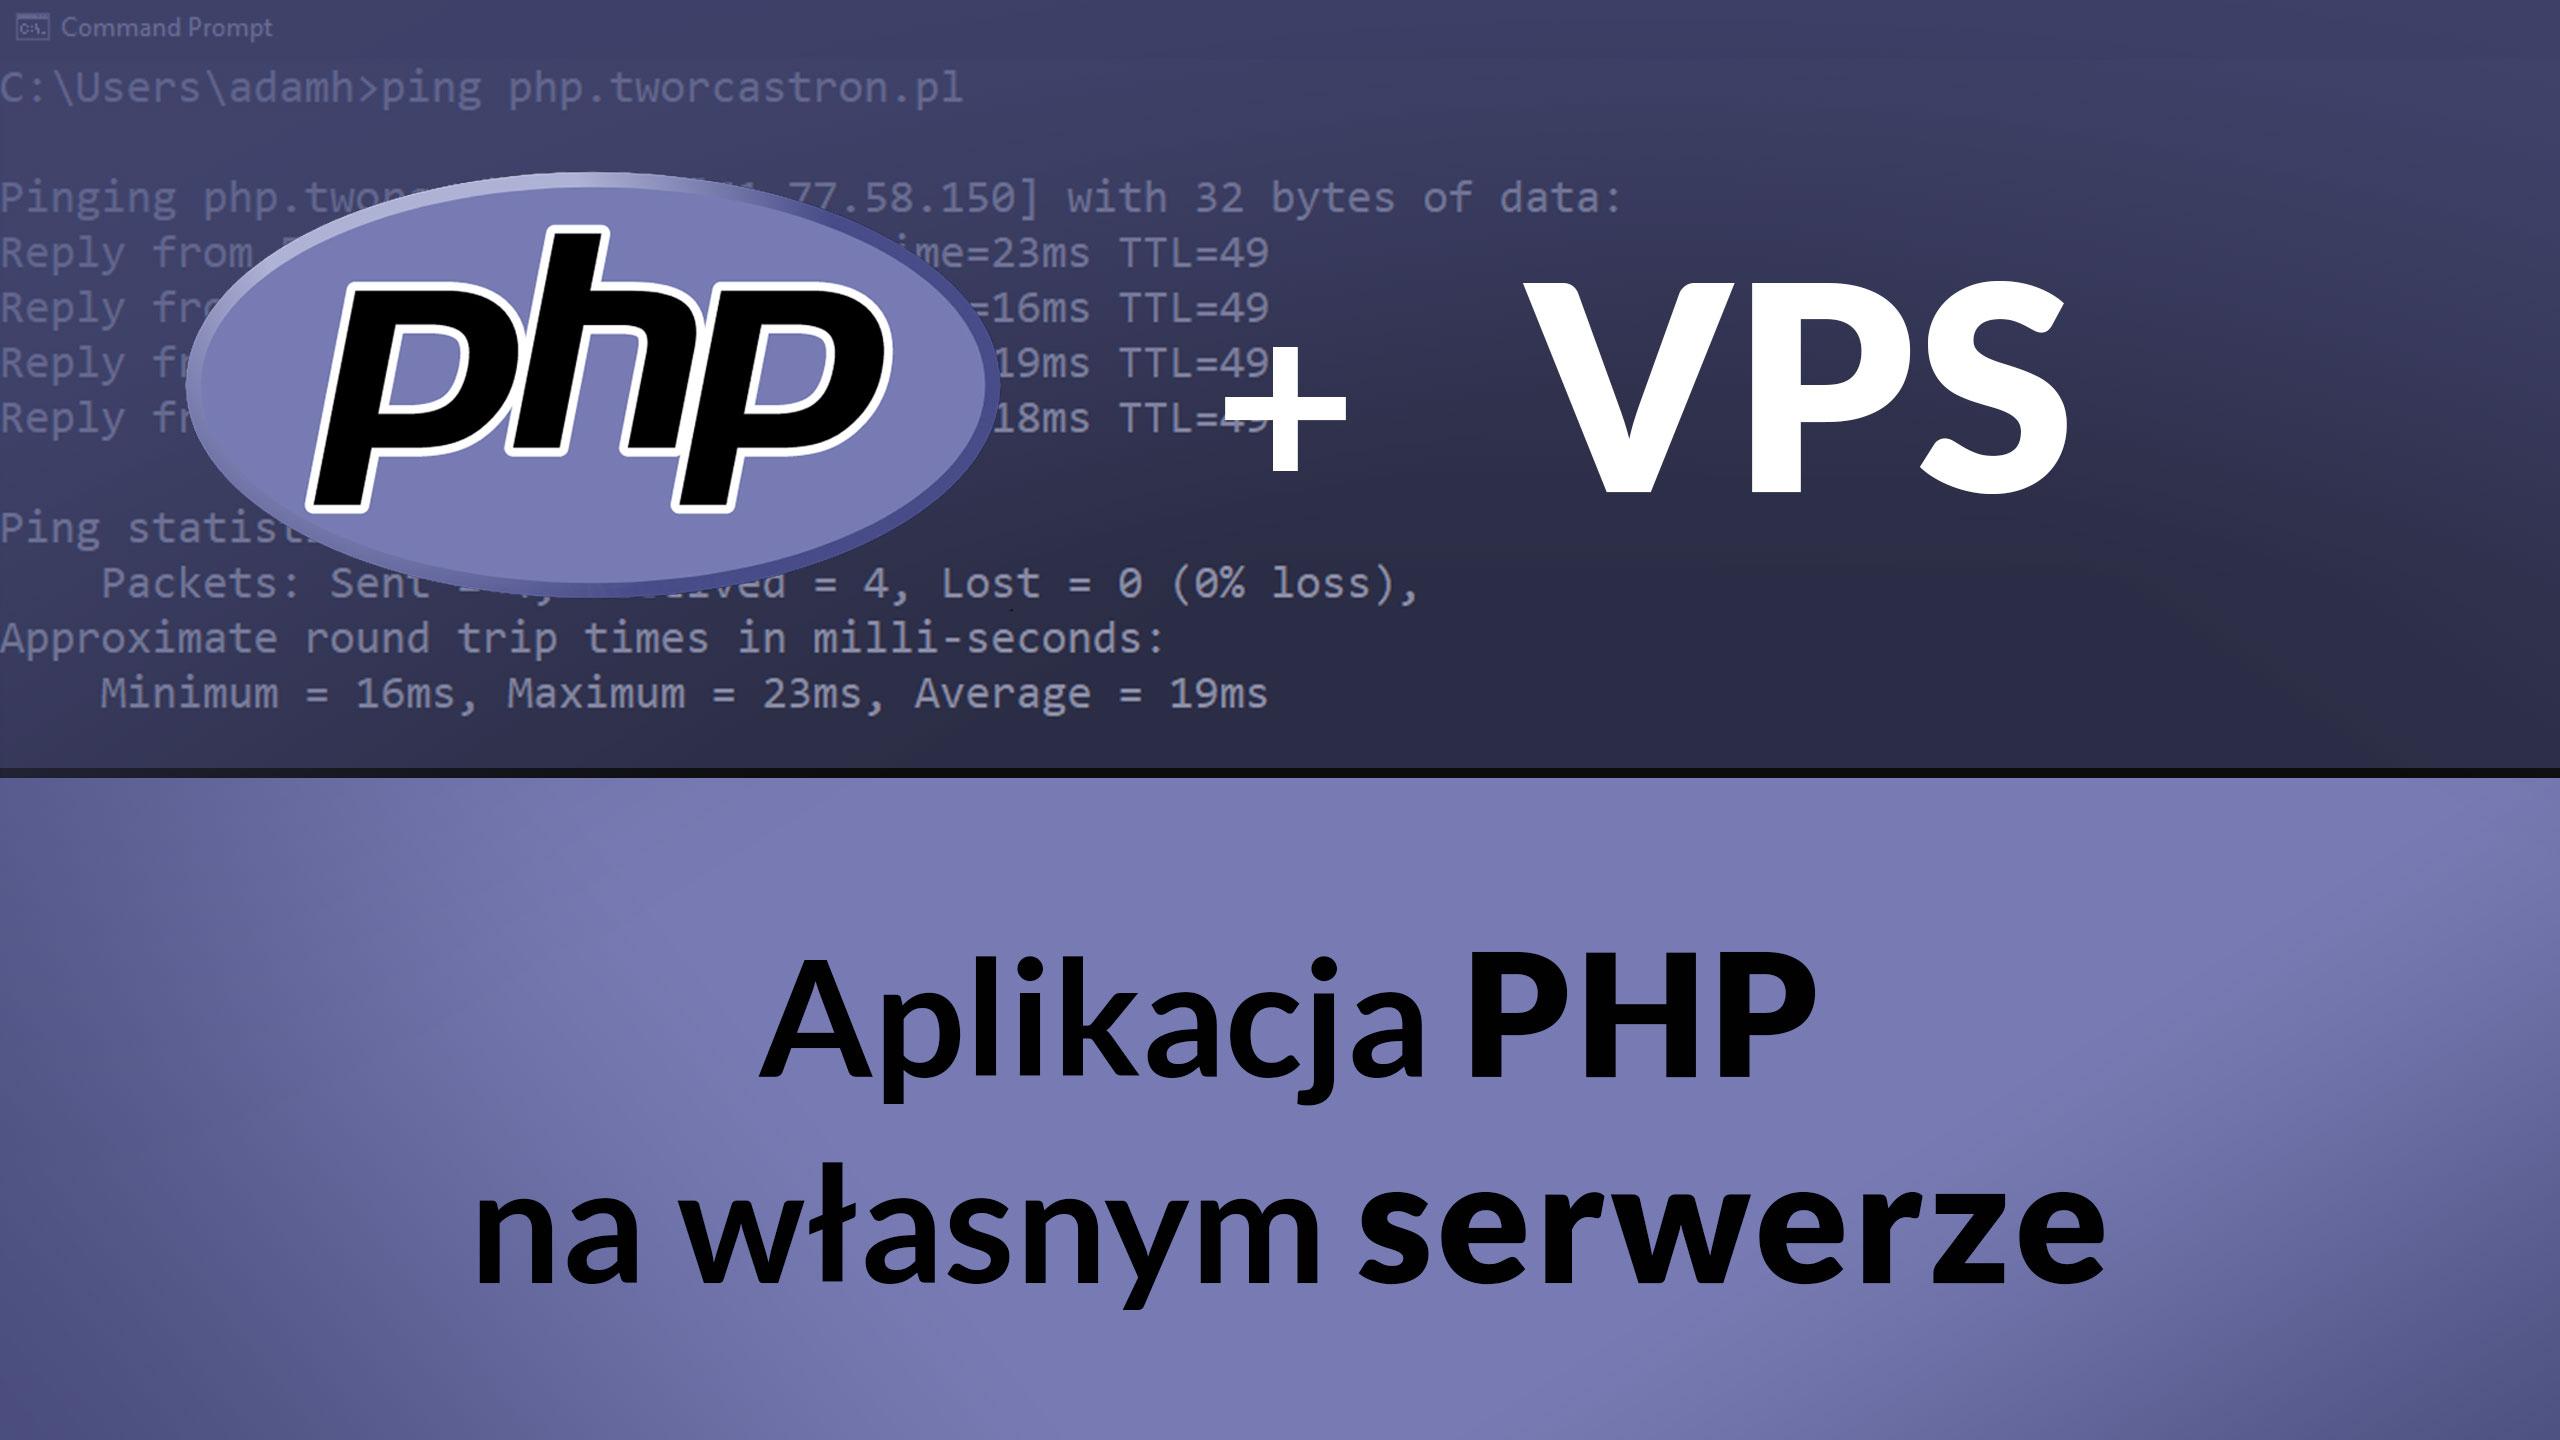 php na wlasnym serwerze - Jak postawić aplikację PHP (z własną domeną) na serwerze VPS